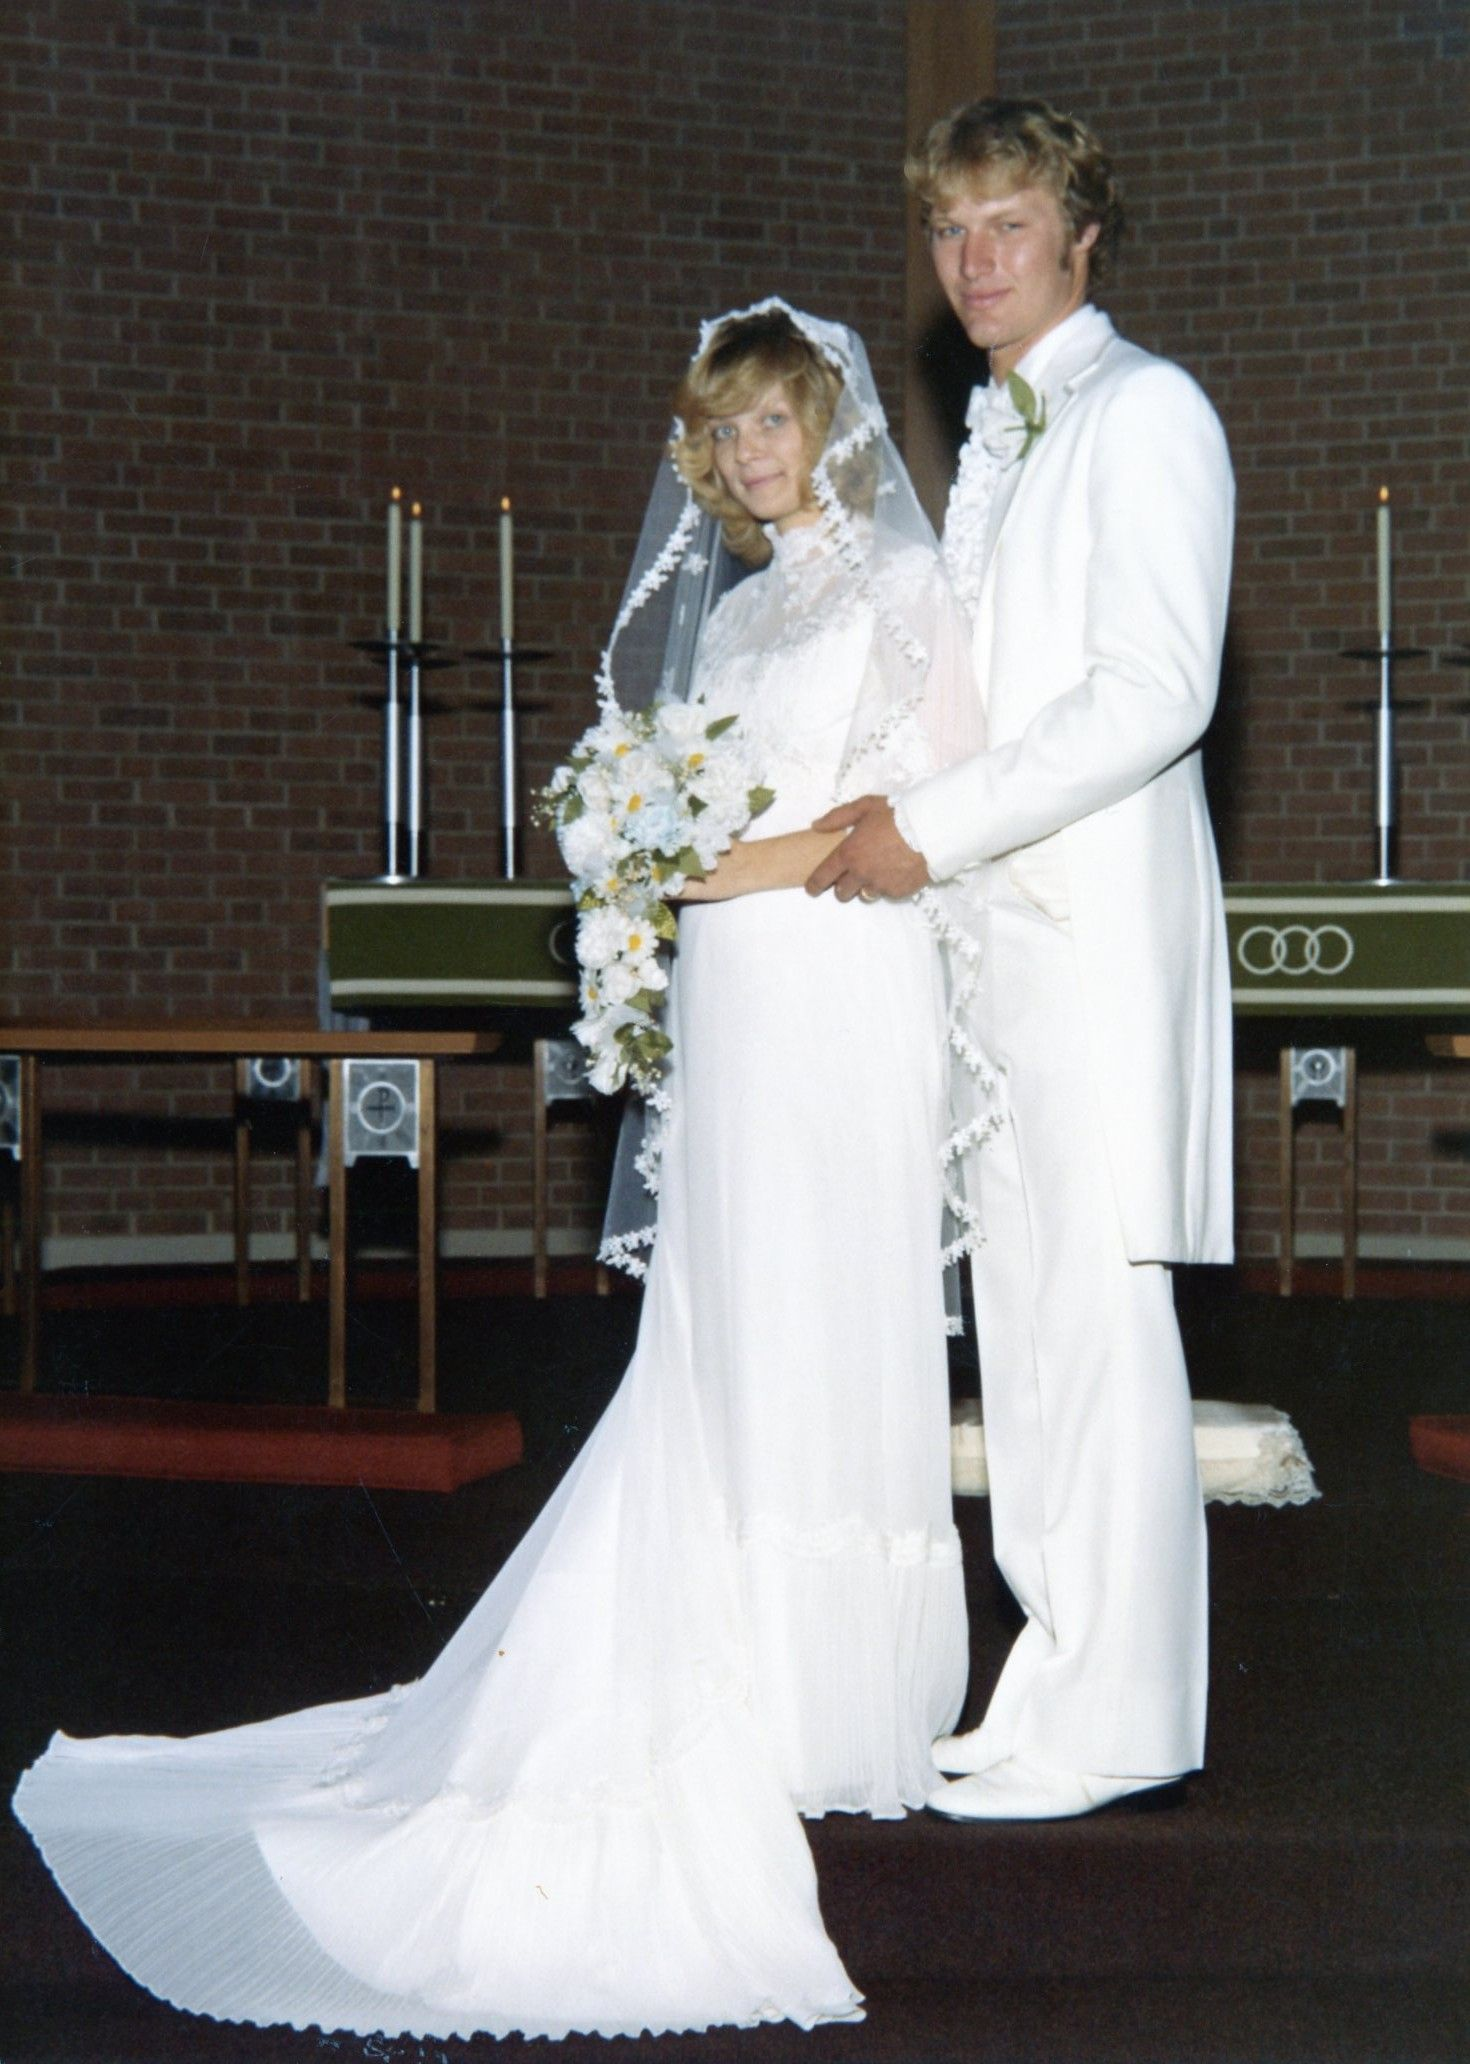 wedding Wedding Pinterest Weddings Vintage weddings and